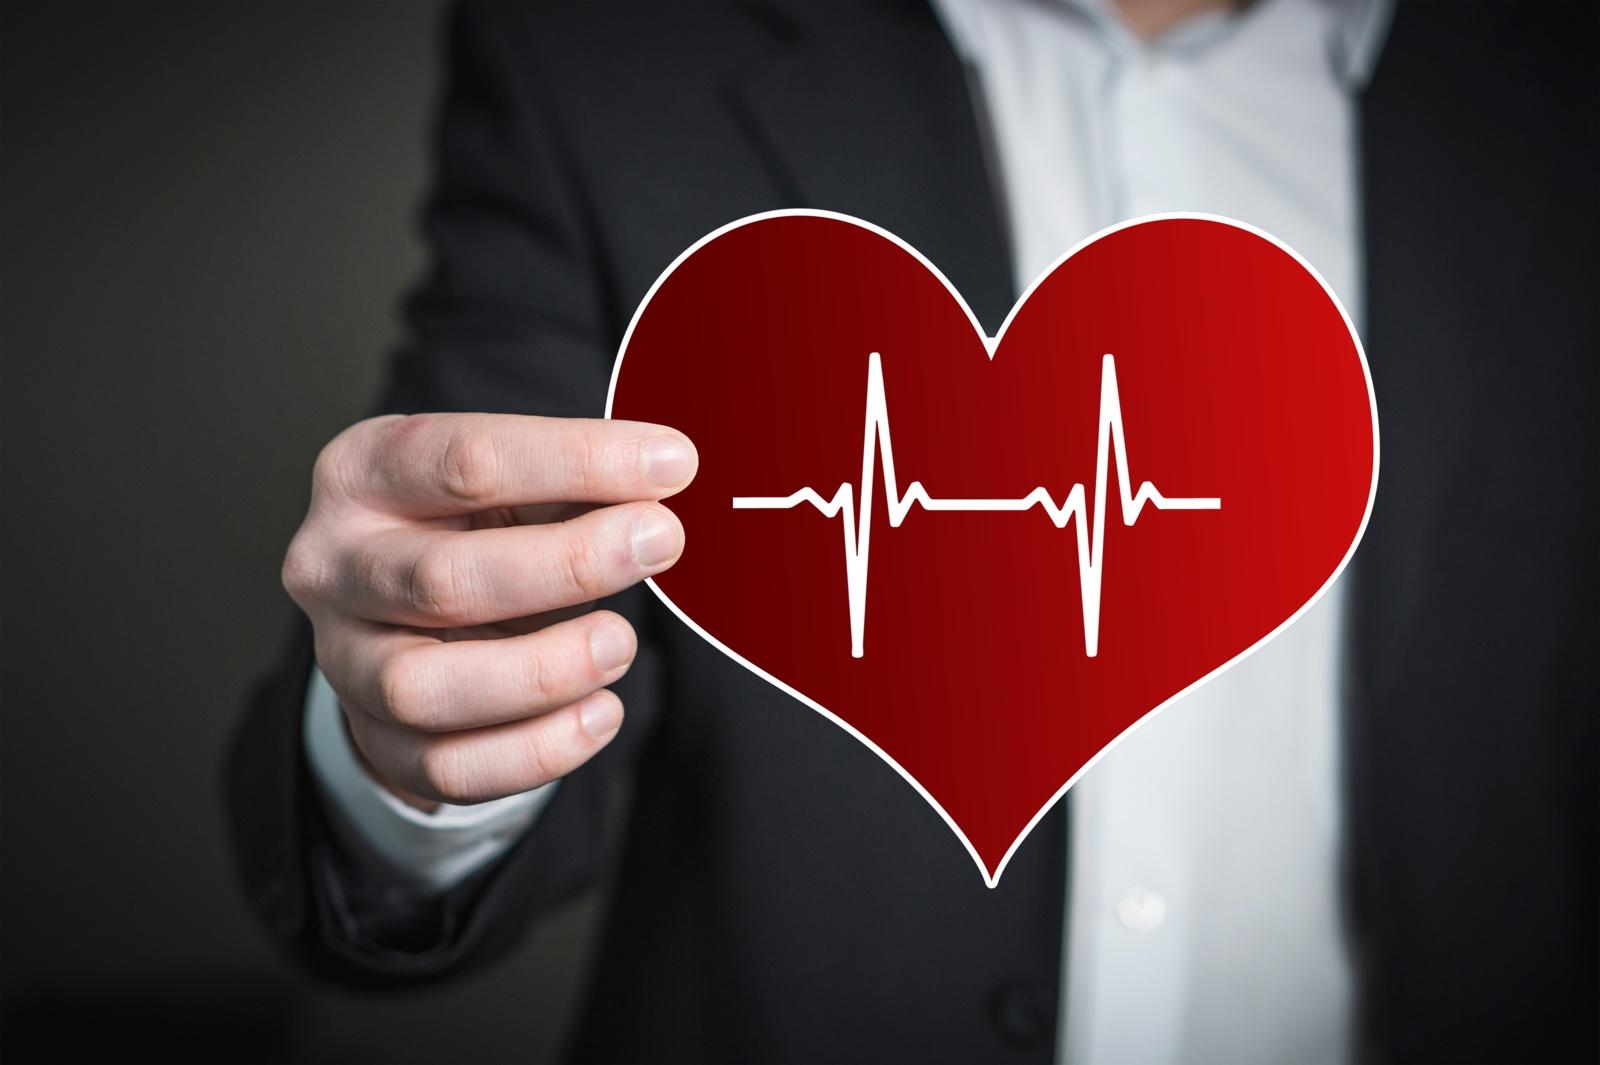 paskirti hipertenzijos gydymą dieta be angliavandenių hipertenzija